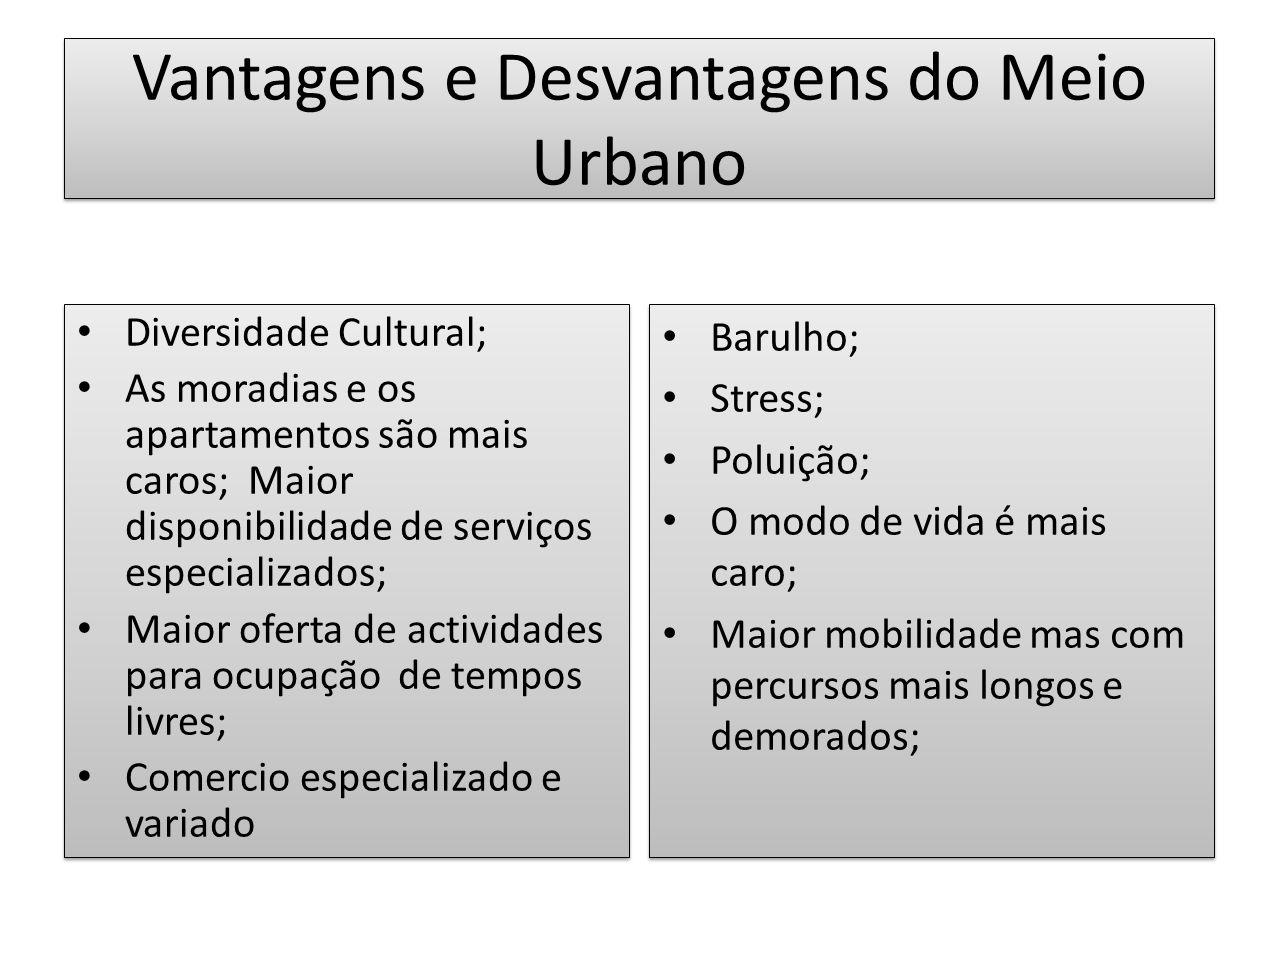 Vantagens e Desvantagens do Meio Urbano